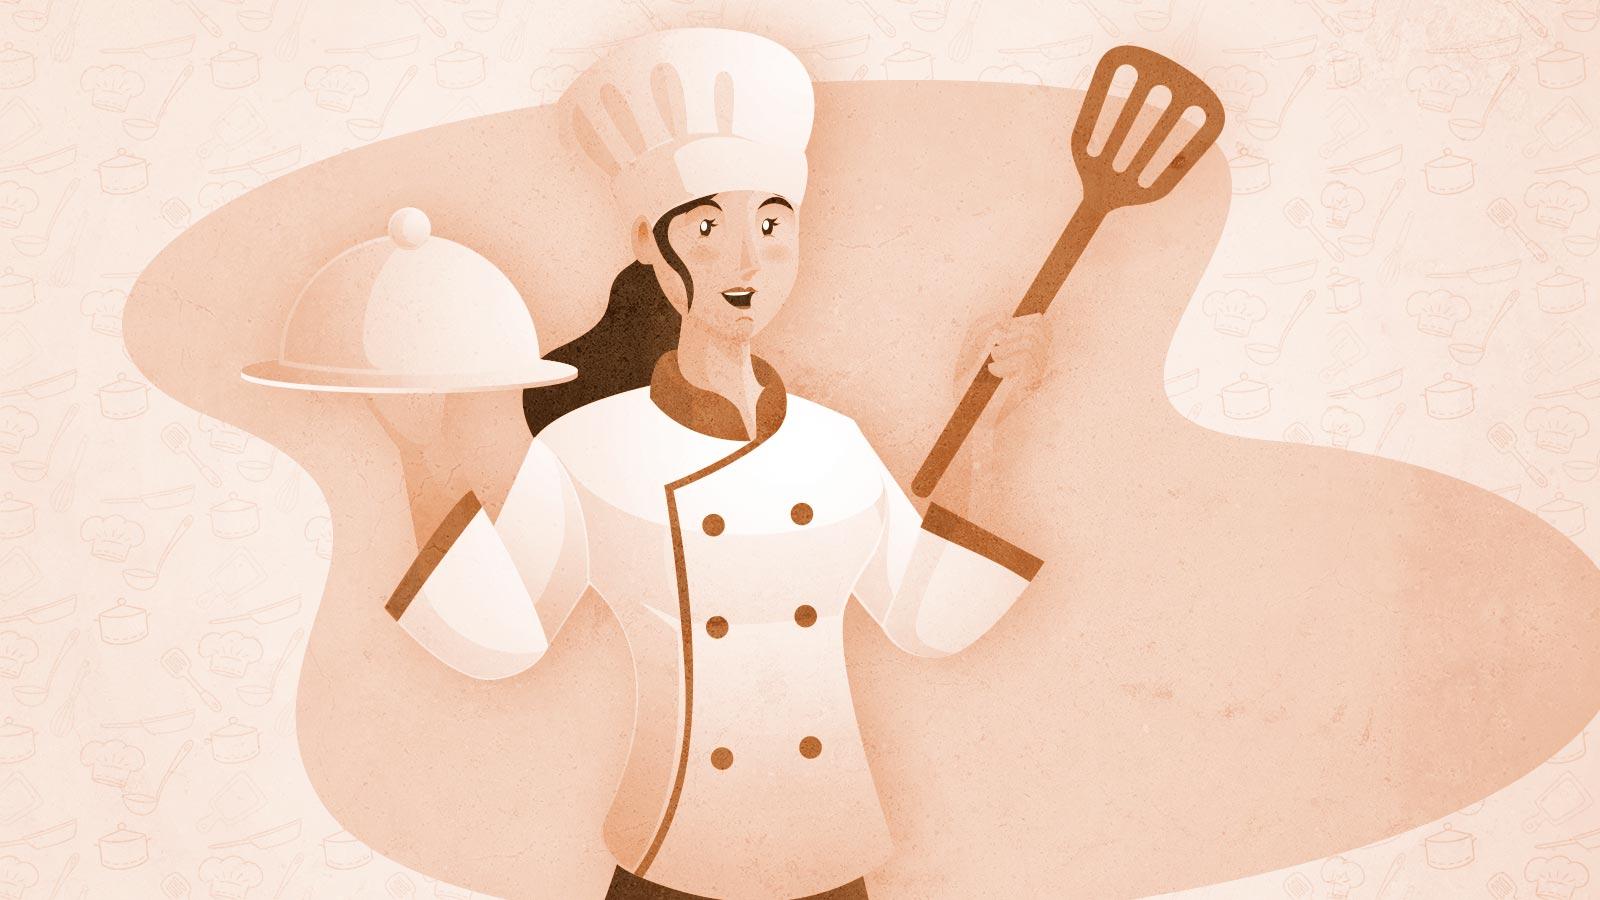 blog ieu habilidades laborales que desarrollarás con la licenciatura en gastronomía ieu